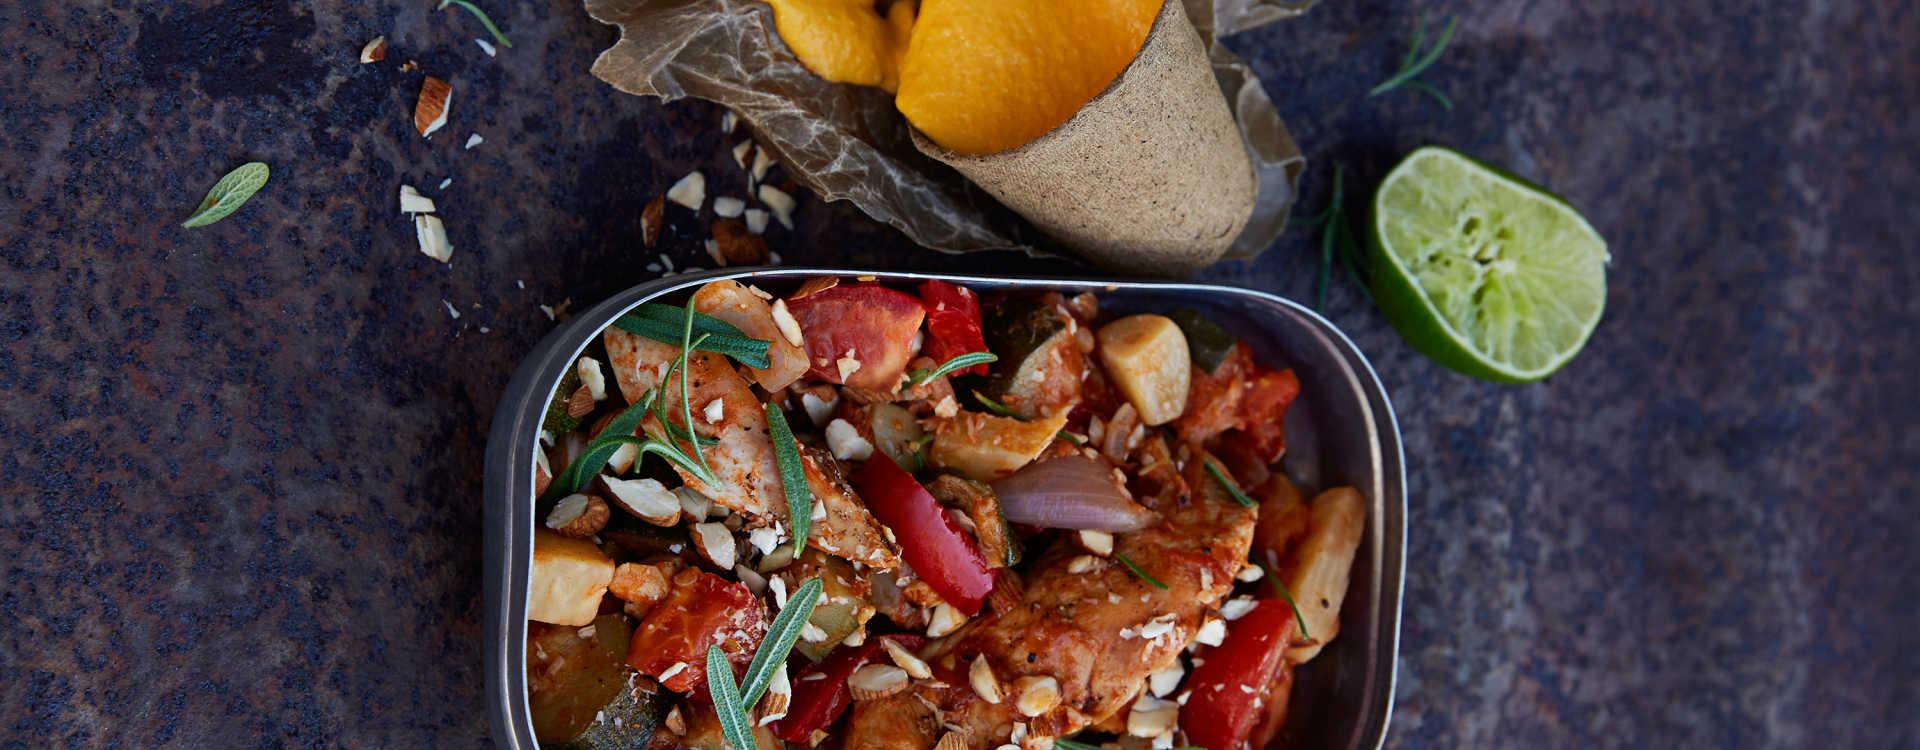 Krydret grønnsaksgryte med kalkunfilet og søtpotet-aioli